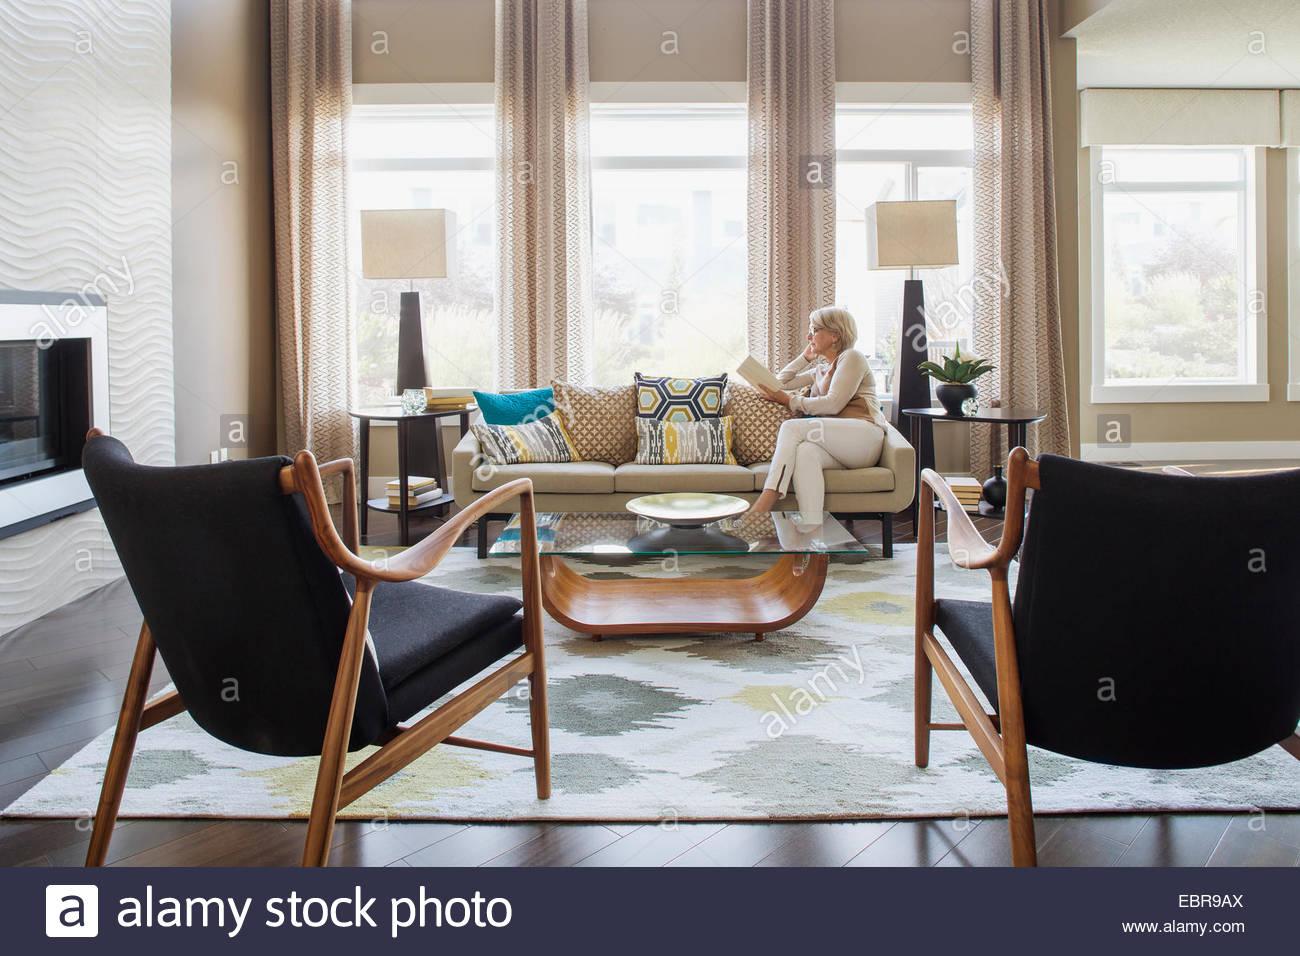 Frau liest Buch über moderne Wohnzimmer-sofa Stockfoto, Bild ...